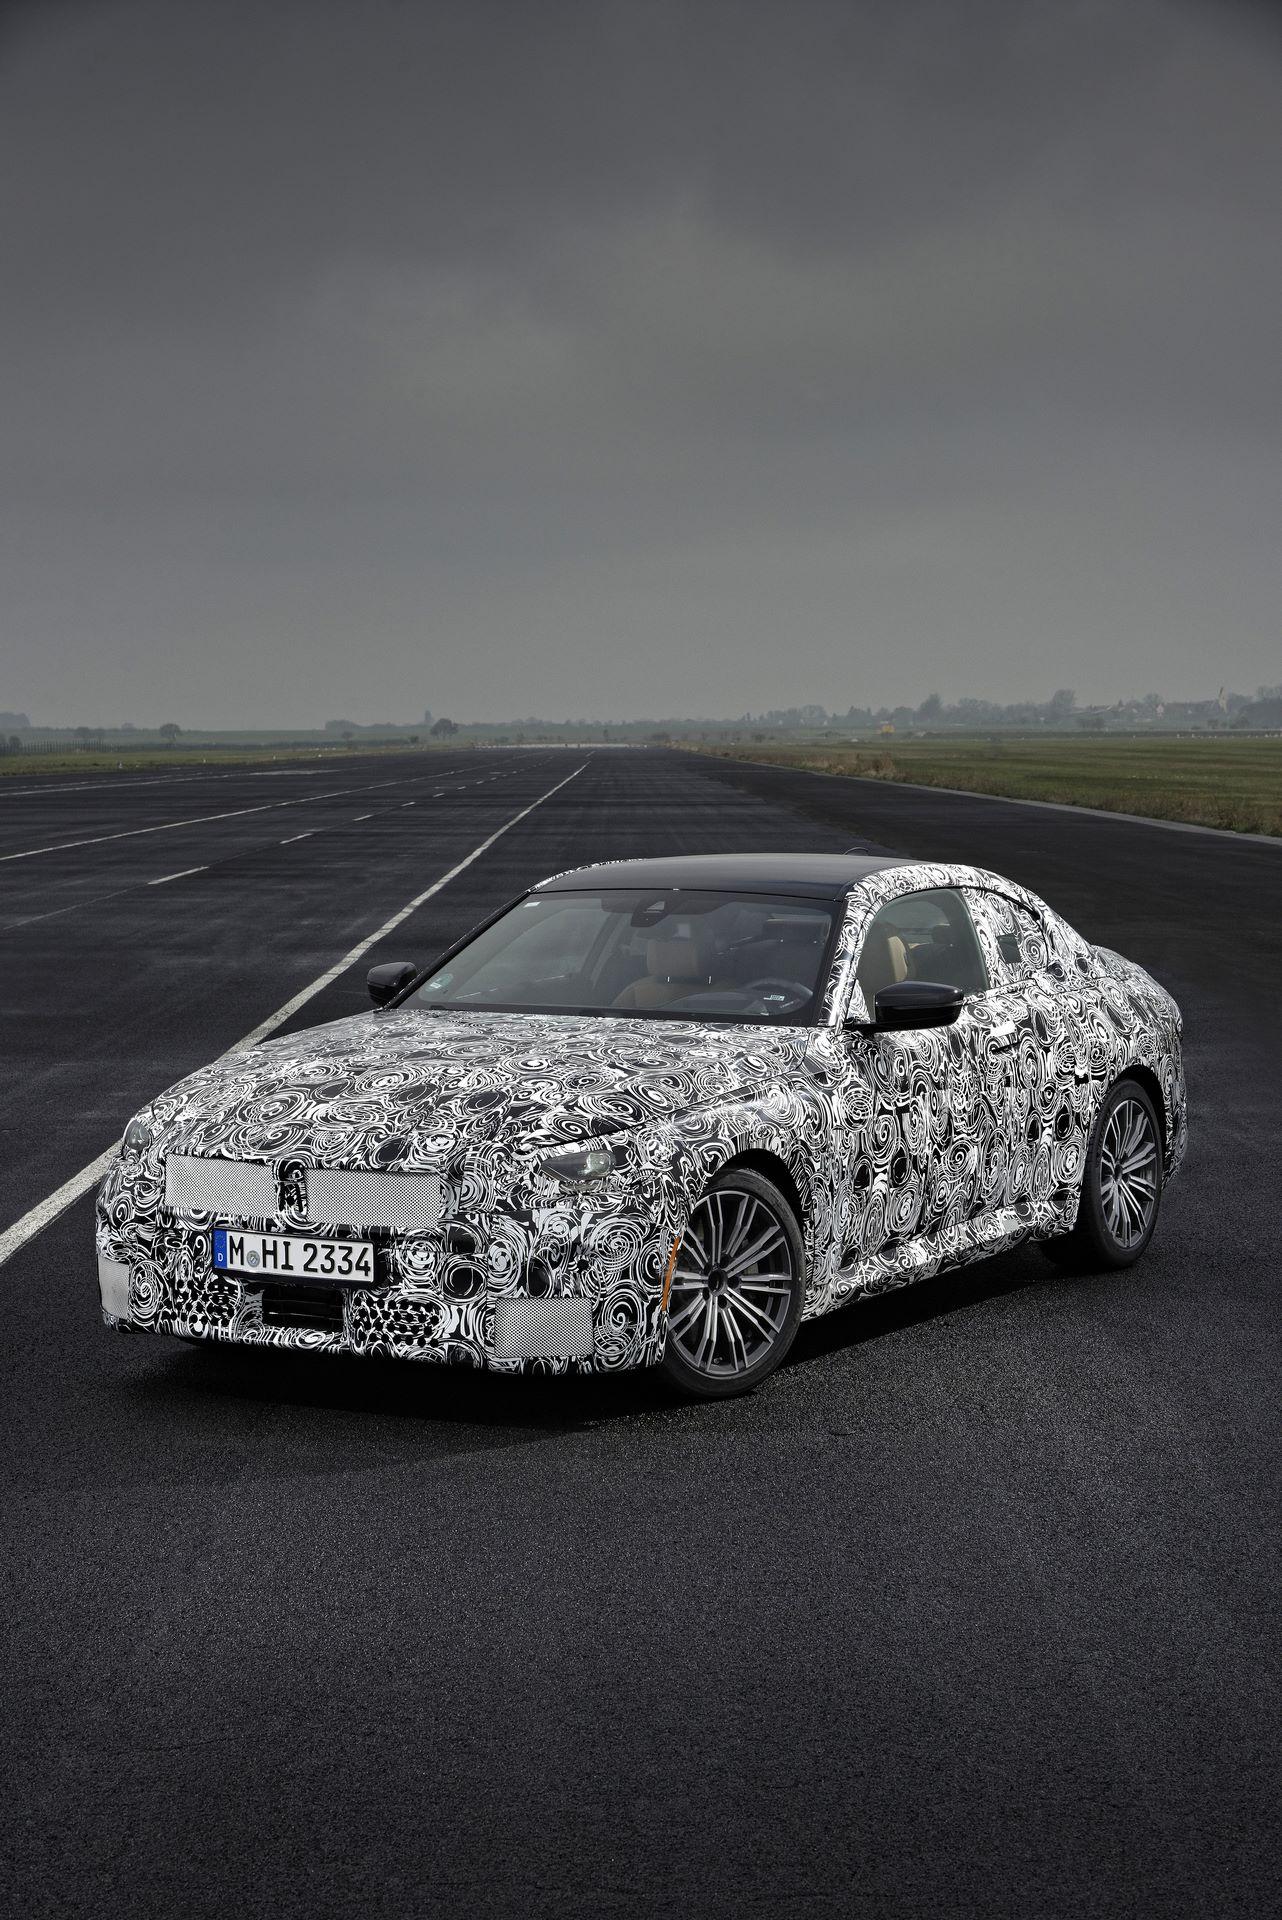 BMW-2-Series-M240i-spy-photos-50